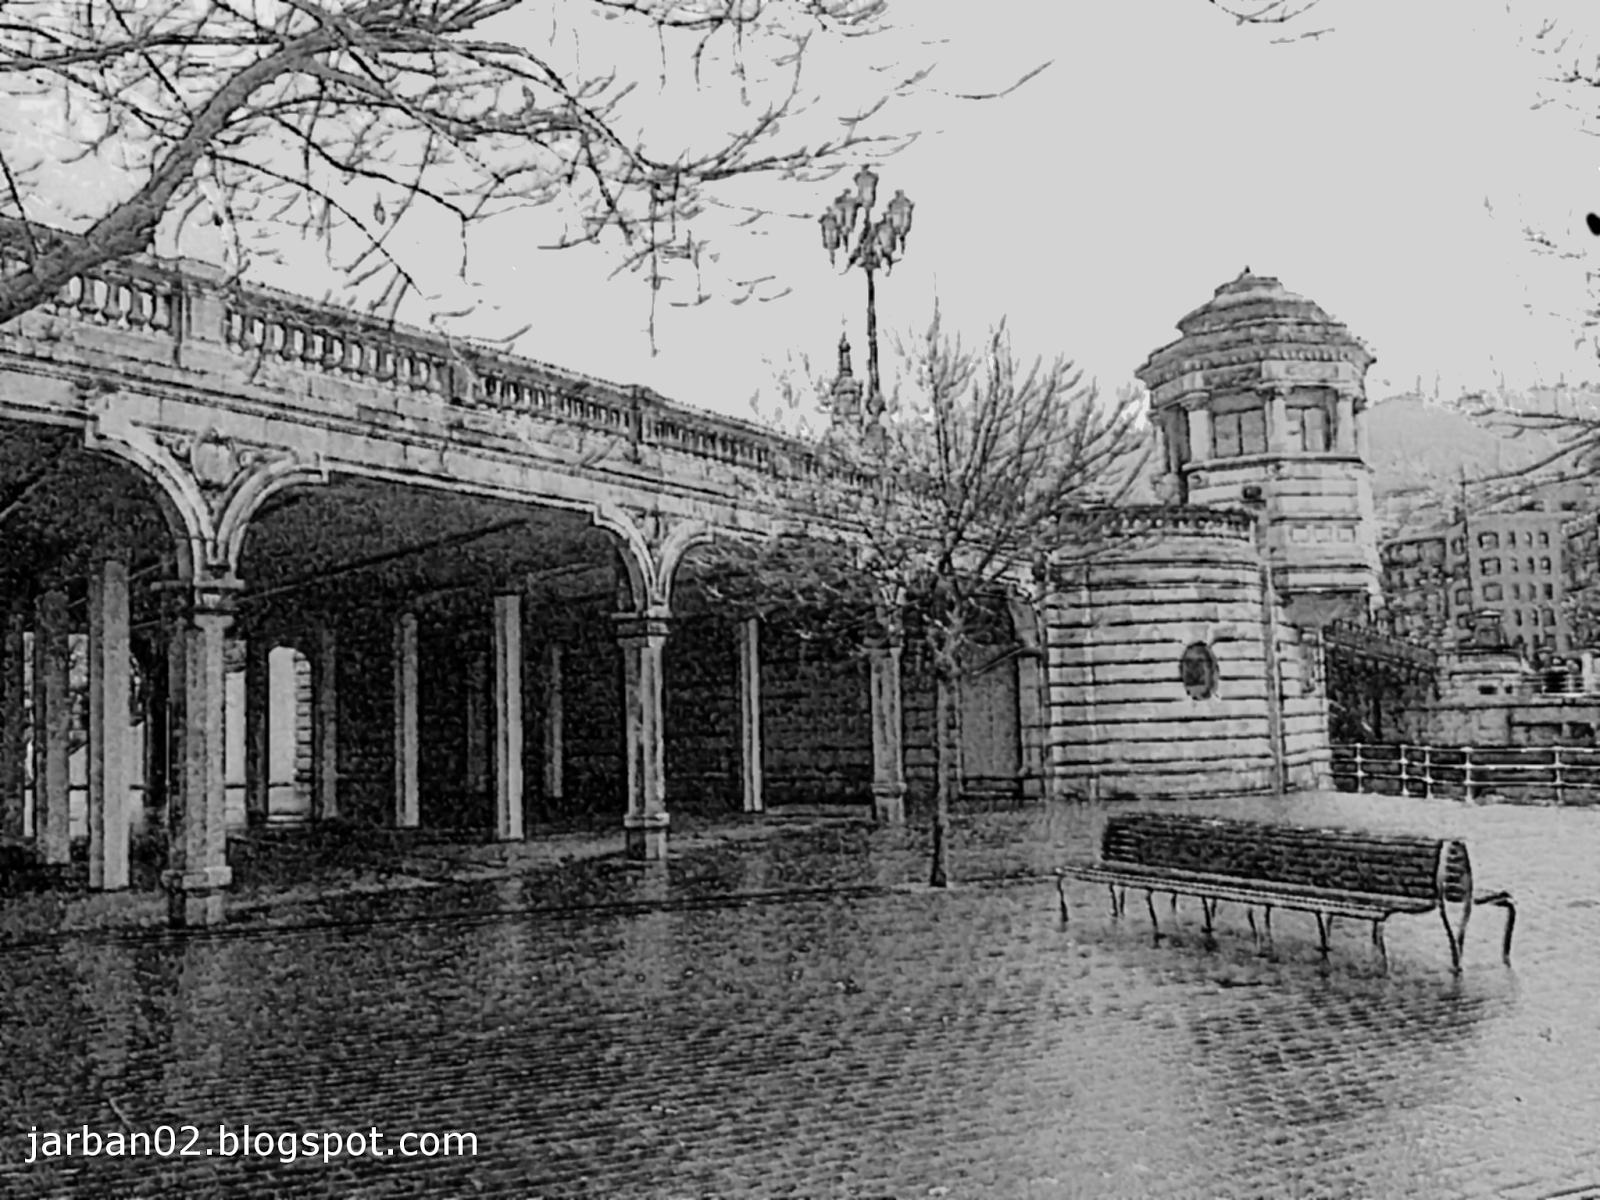 jarban02_pic061: Detalle del Puente del Ayuntamiento